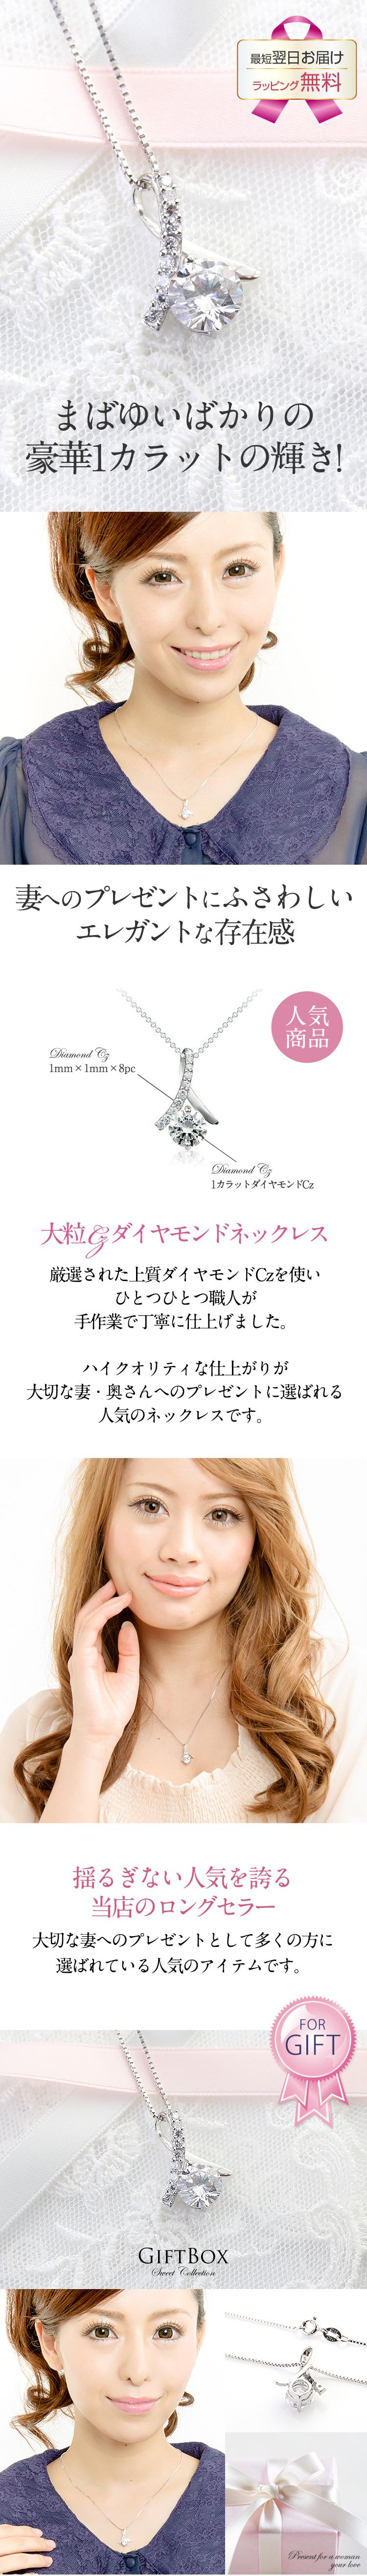 豪華1カラット★大粒Czダイヤモンドネックレス